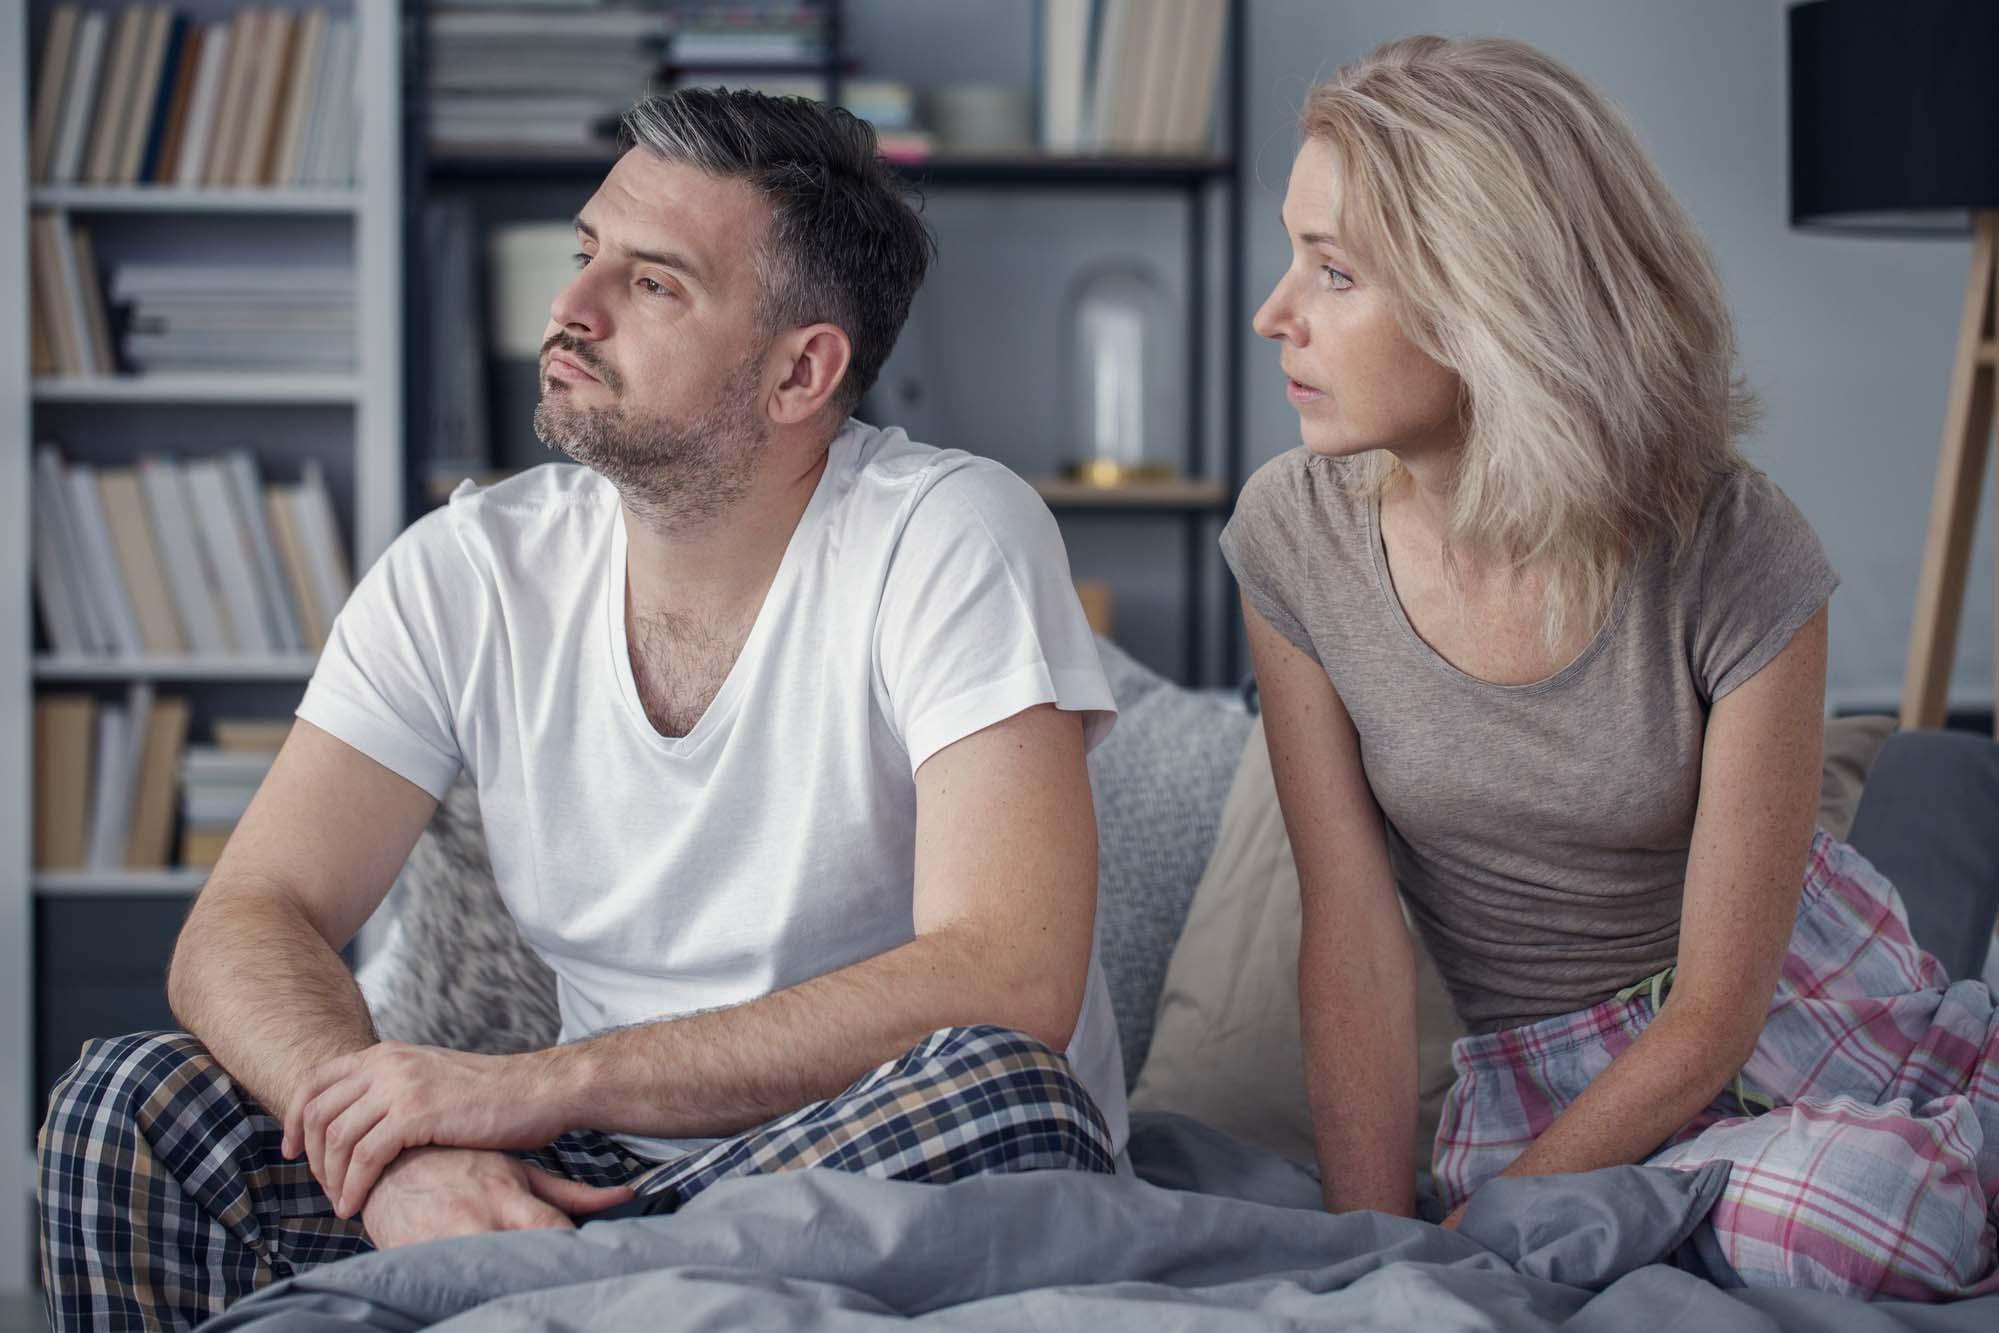 Ссора между женщиной и мужчиной